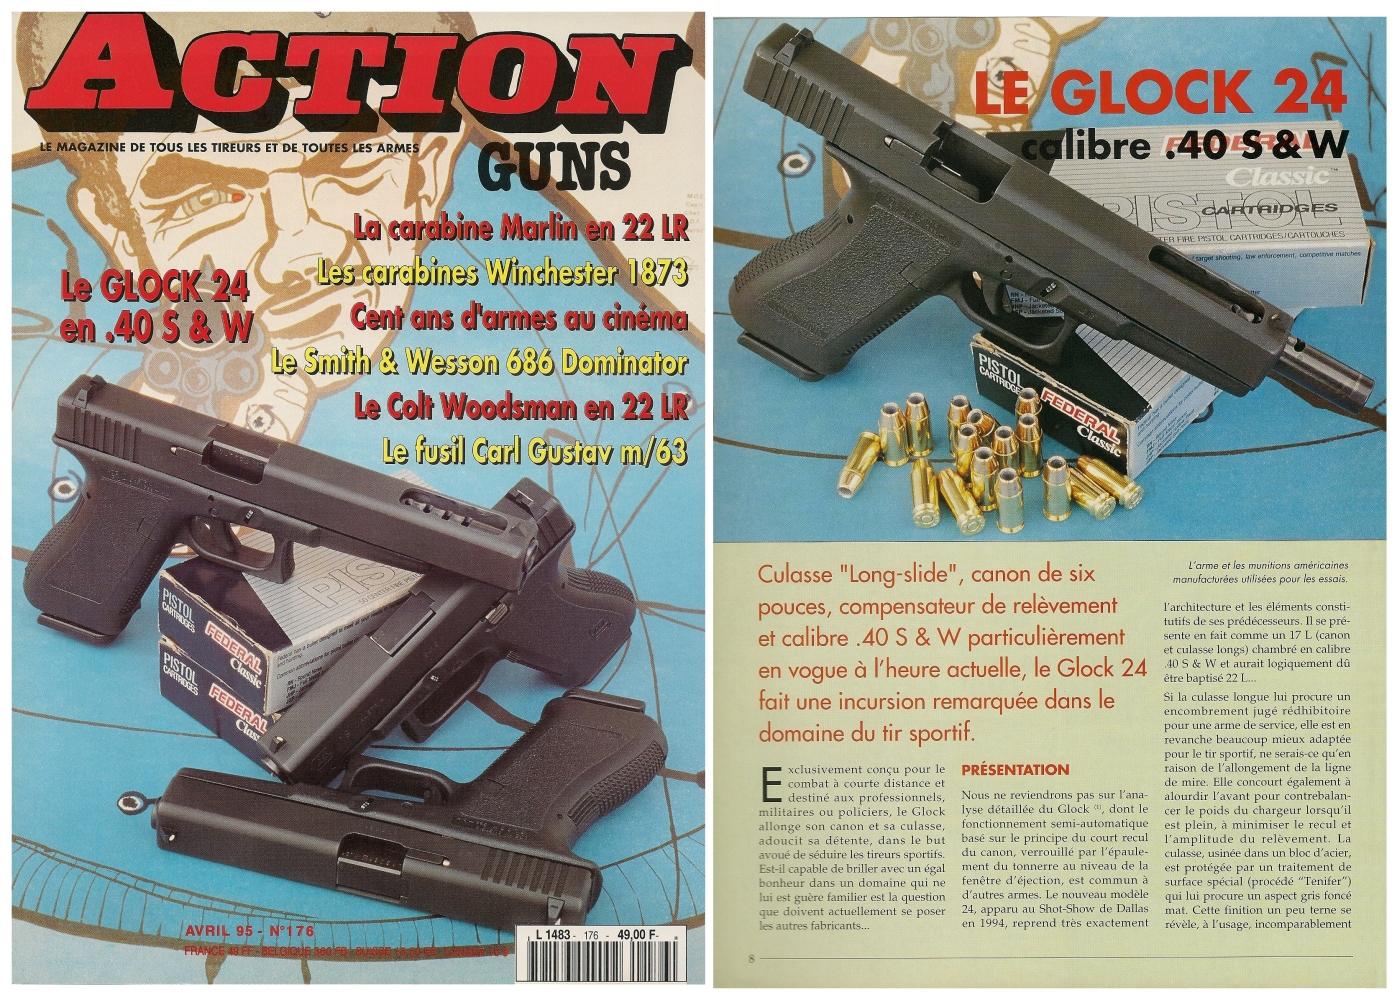 Le banc d'essai du pistolet Glock 24 en calibre .40 S&W a été publié sur 7 pages dans le magazine Action Guns n° 176 (avril 1995).